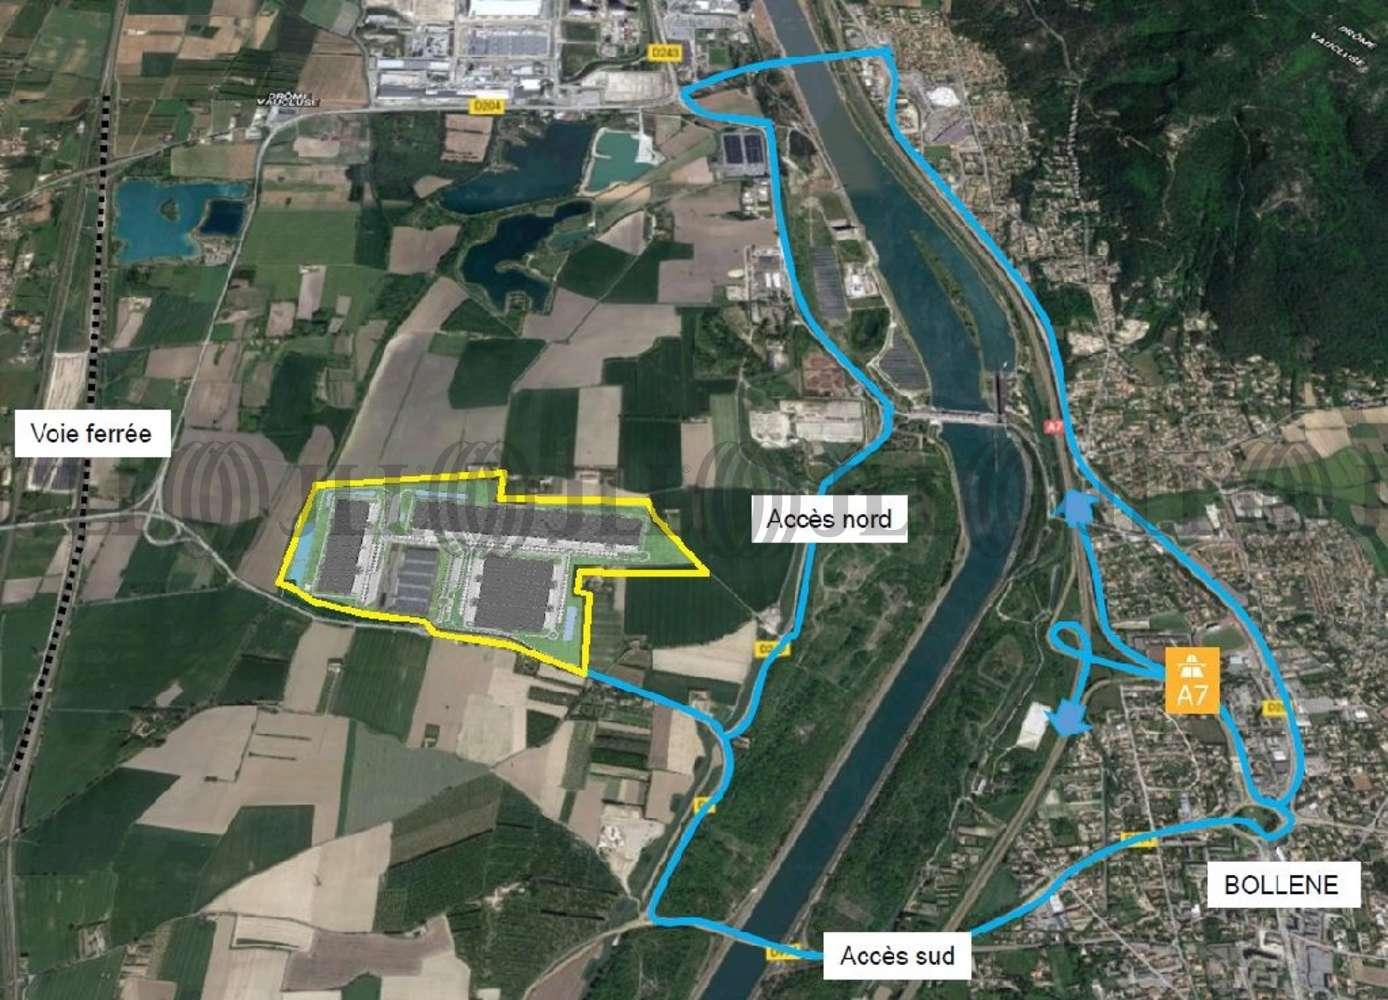 Plateformes logistiques Bollene, 84500 - Plateforme logistique - Lyon-Marseille - 9530370